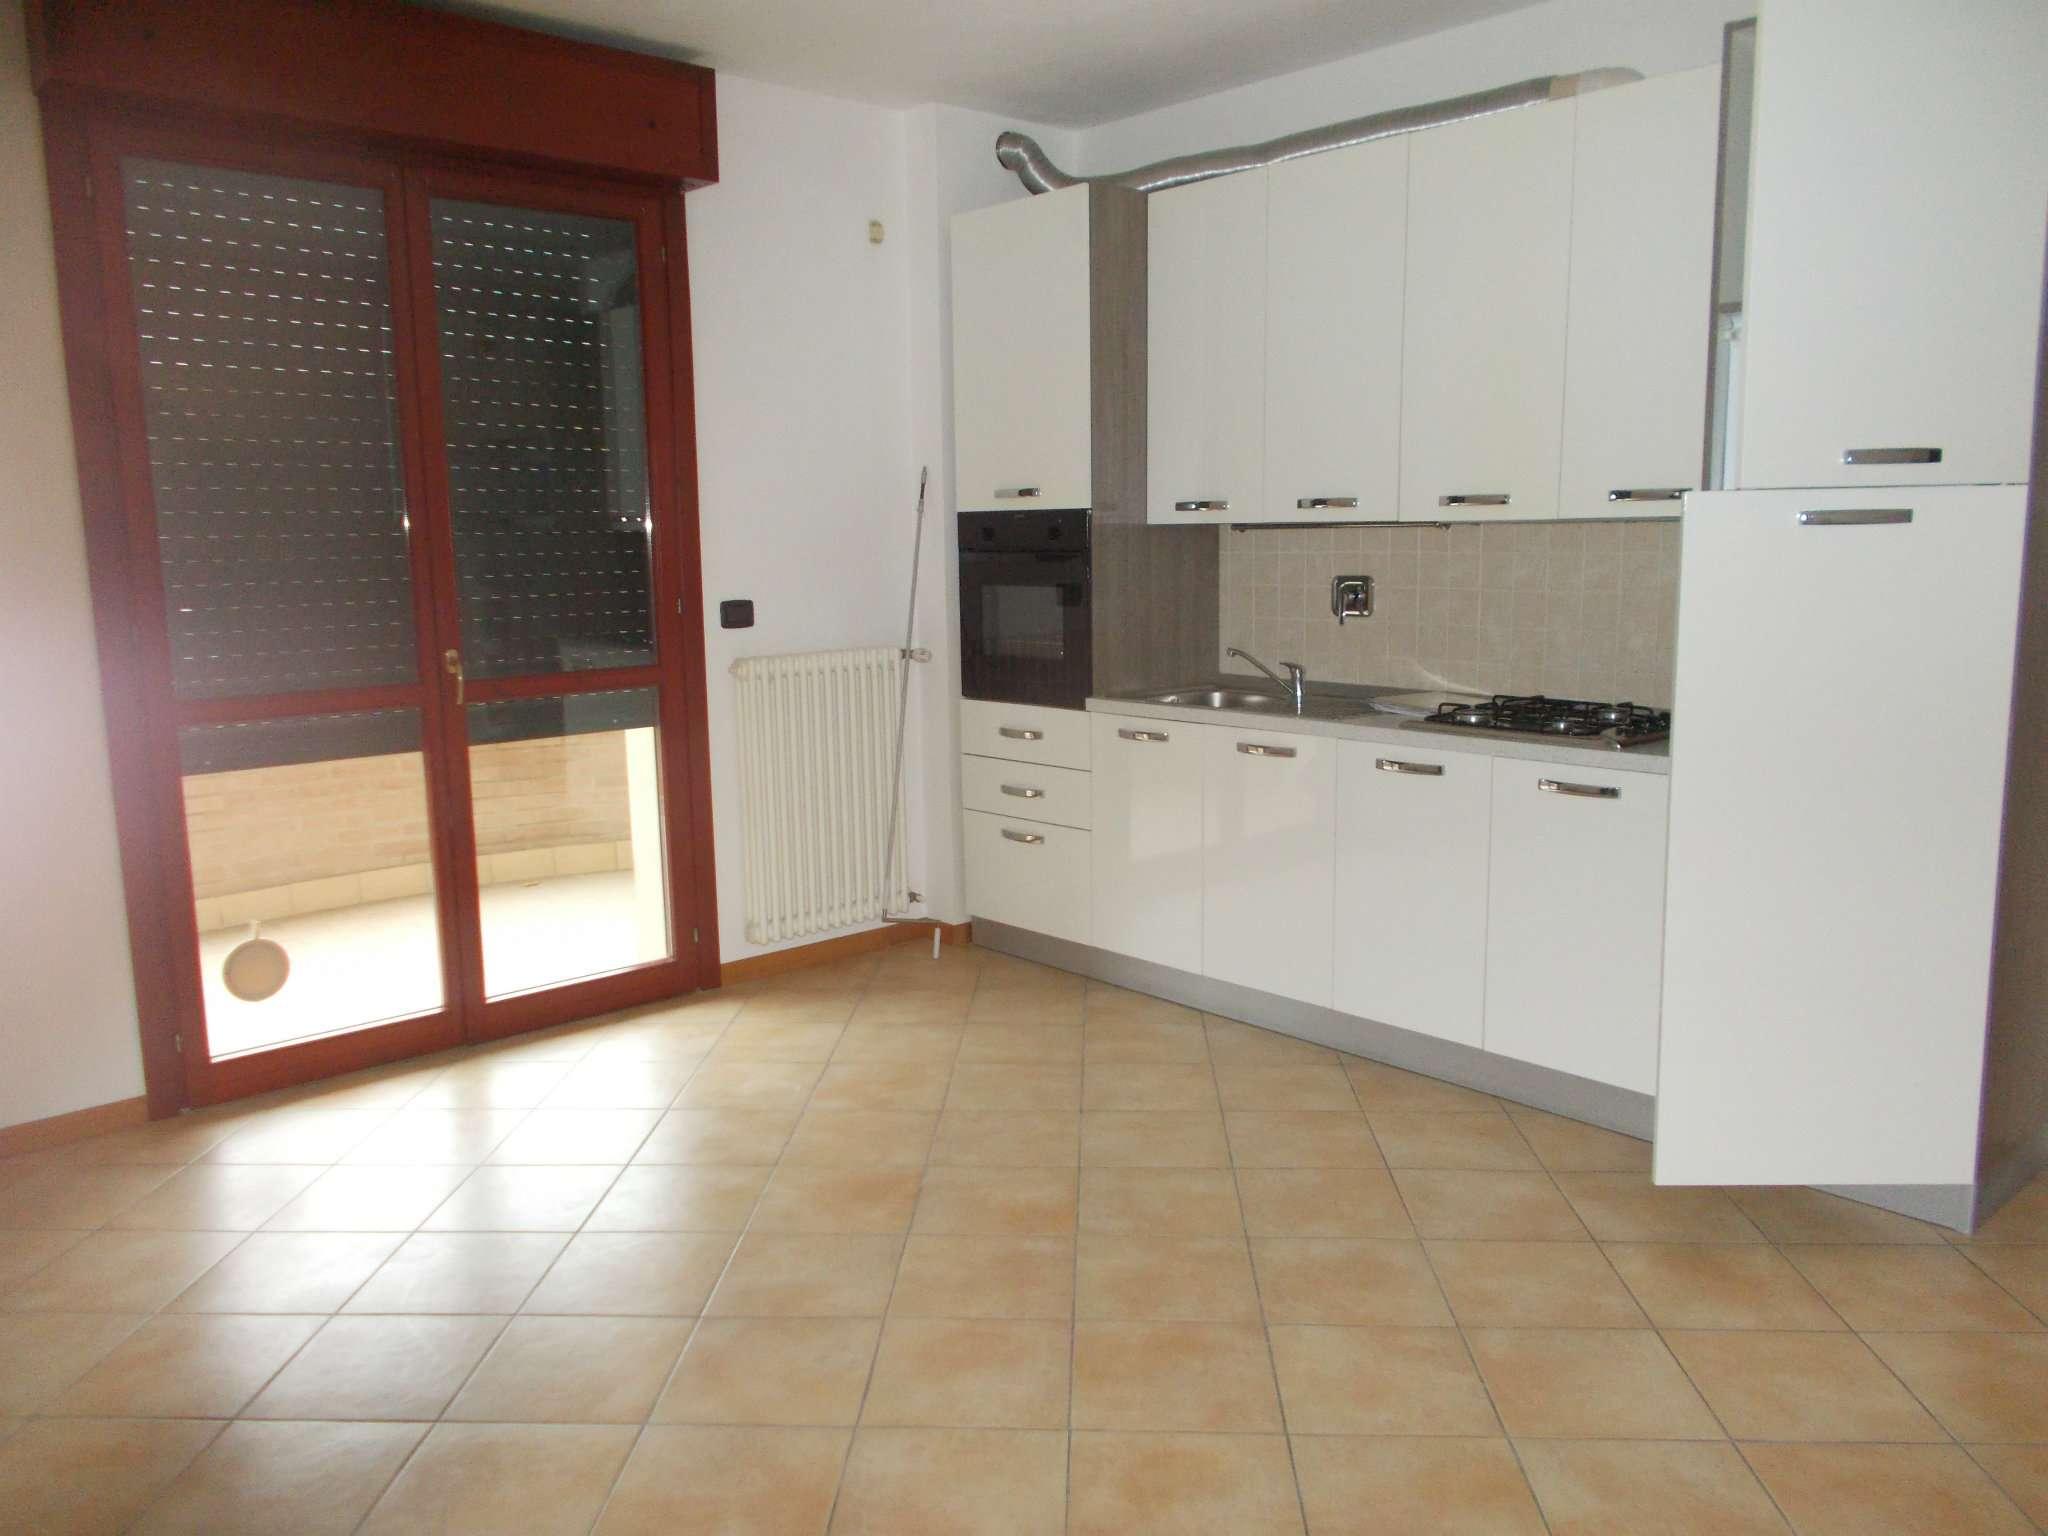 Appartamento in affitto a Quattro Castella, 3 locali, prezzo € 500 | CambioCasa.it